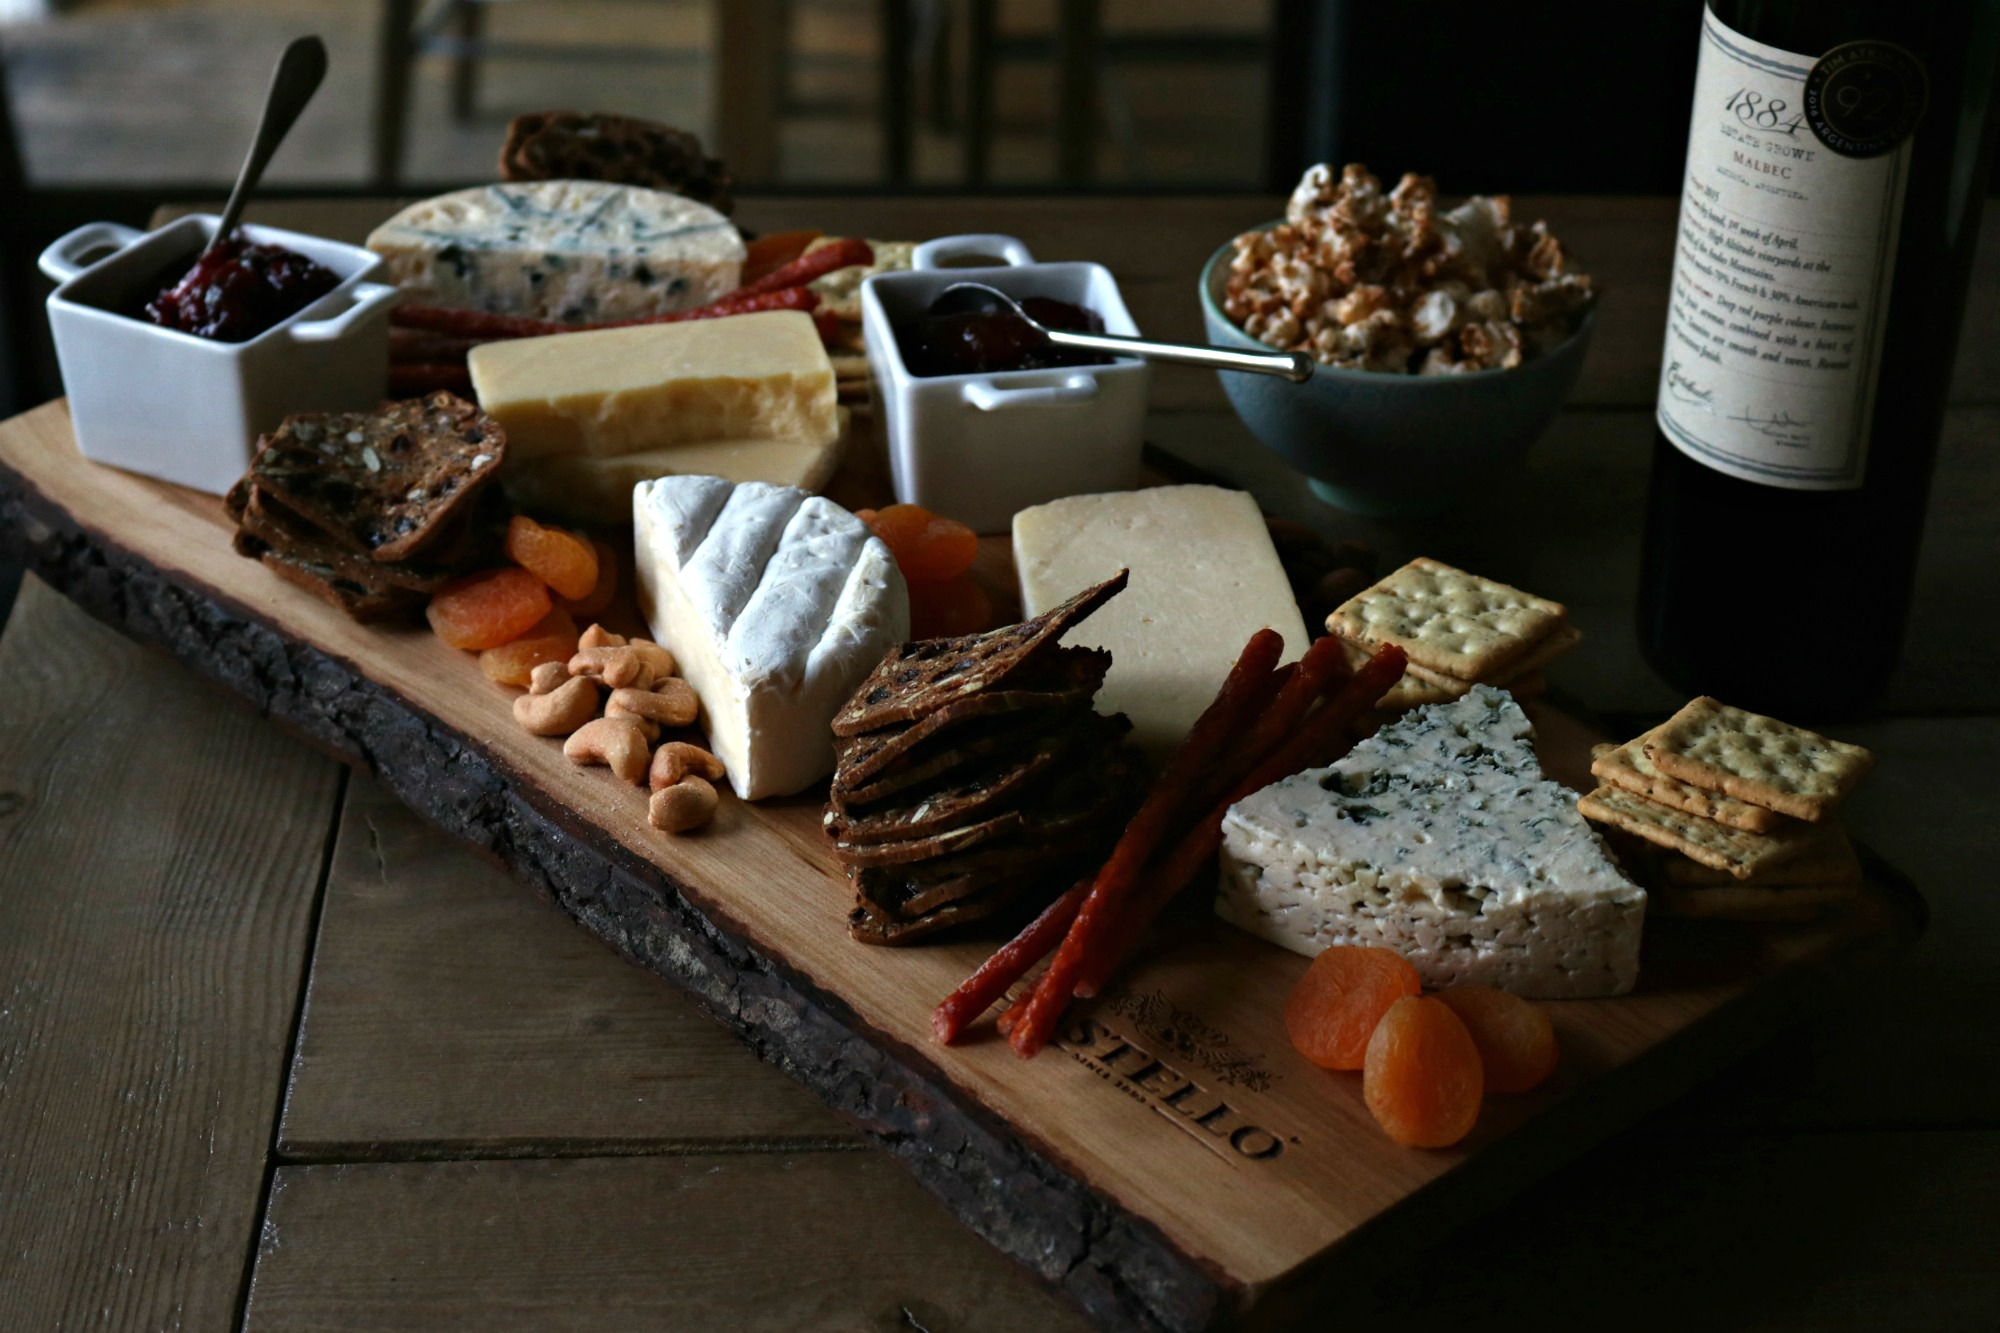 Castello Cheese board 8